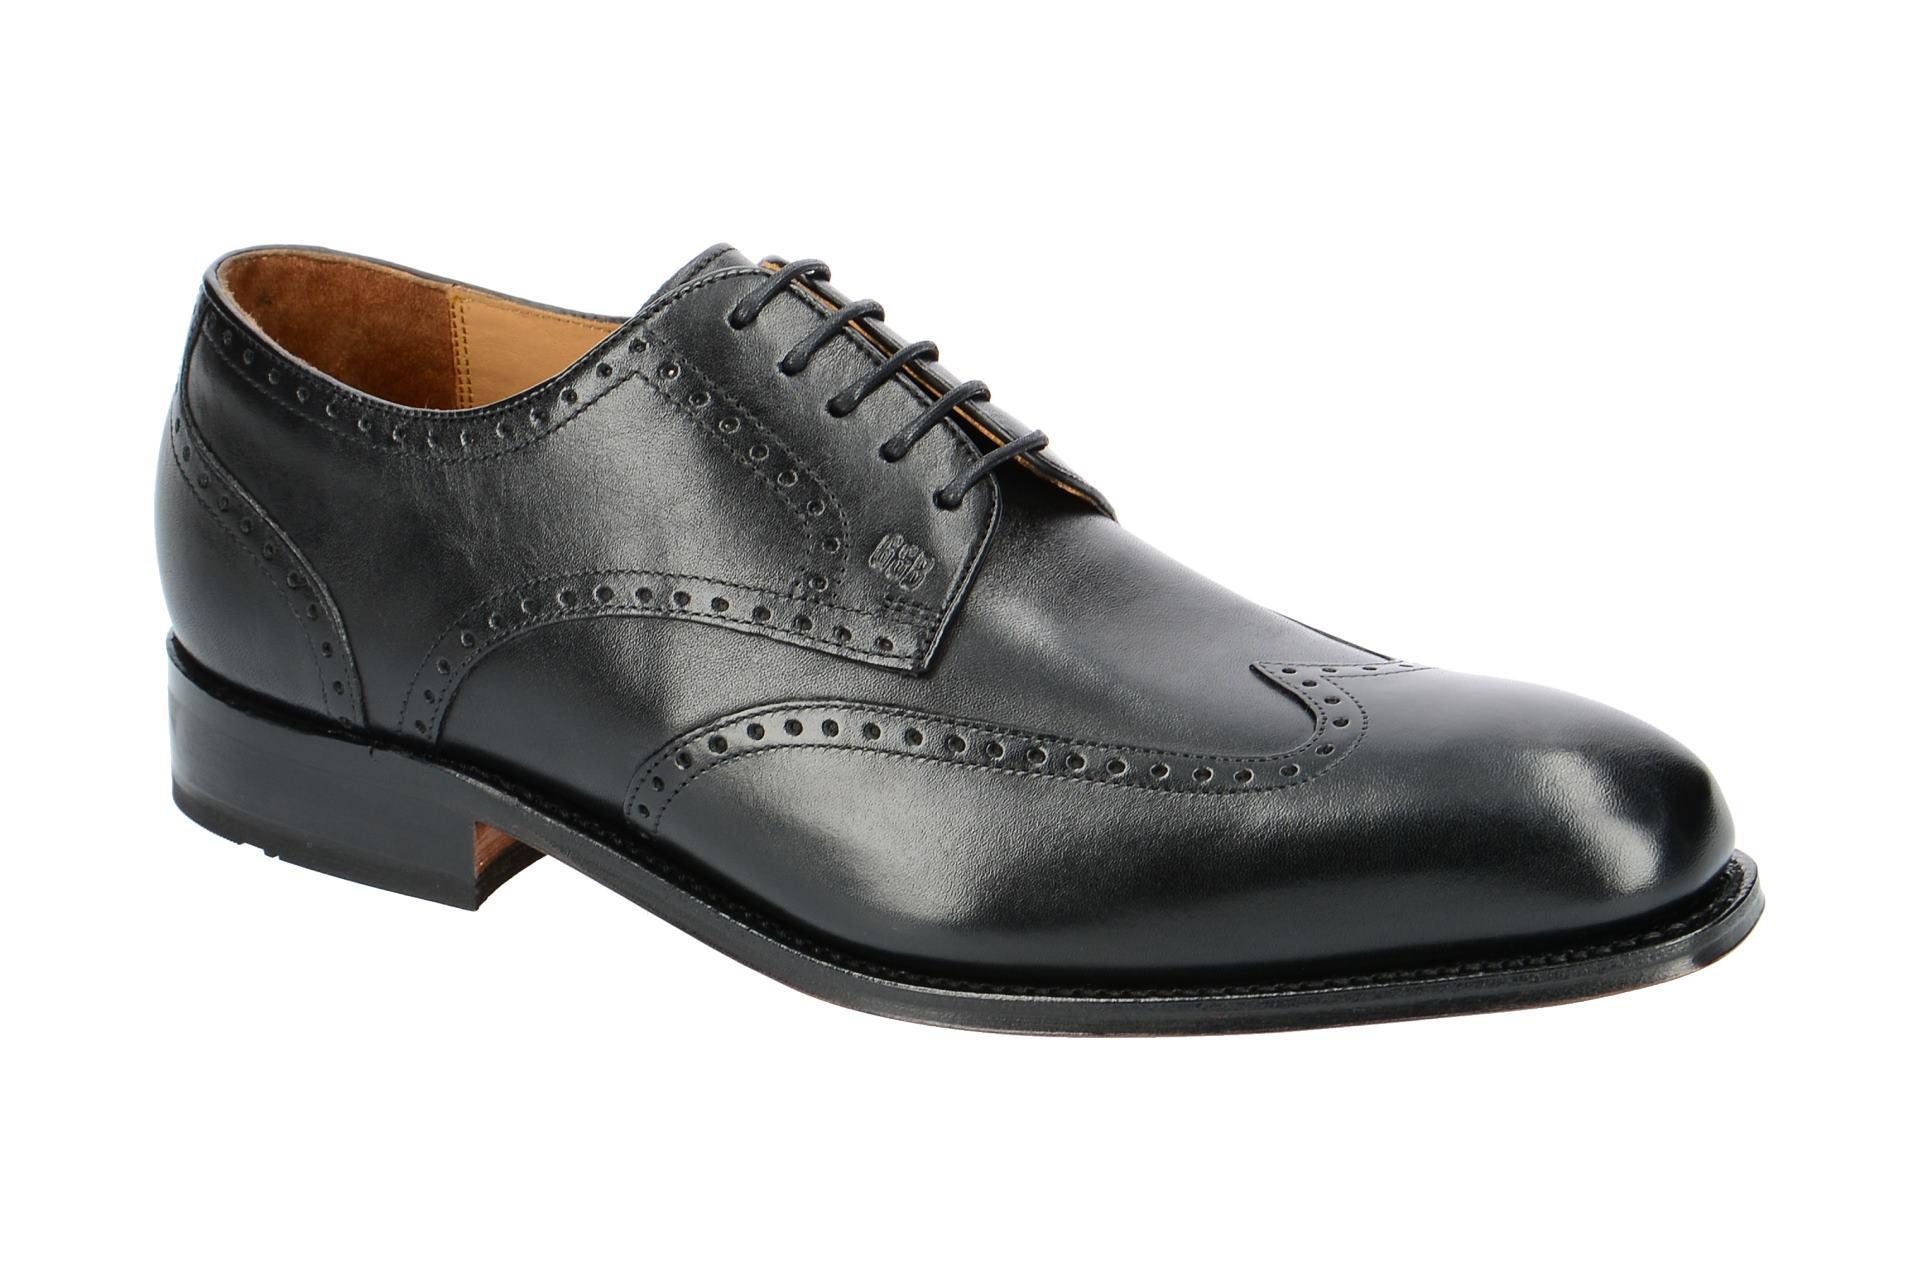 Gordon & Bros. Schuhe Havret 3514 schwarz rahmengenäht :: Schwarz - 40 - Männlich - Erwachsene